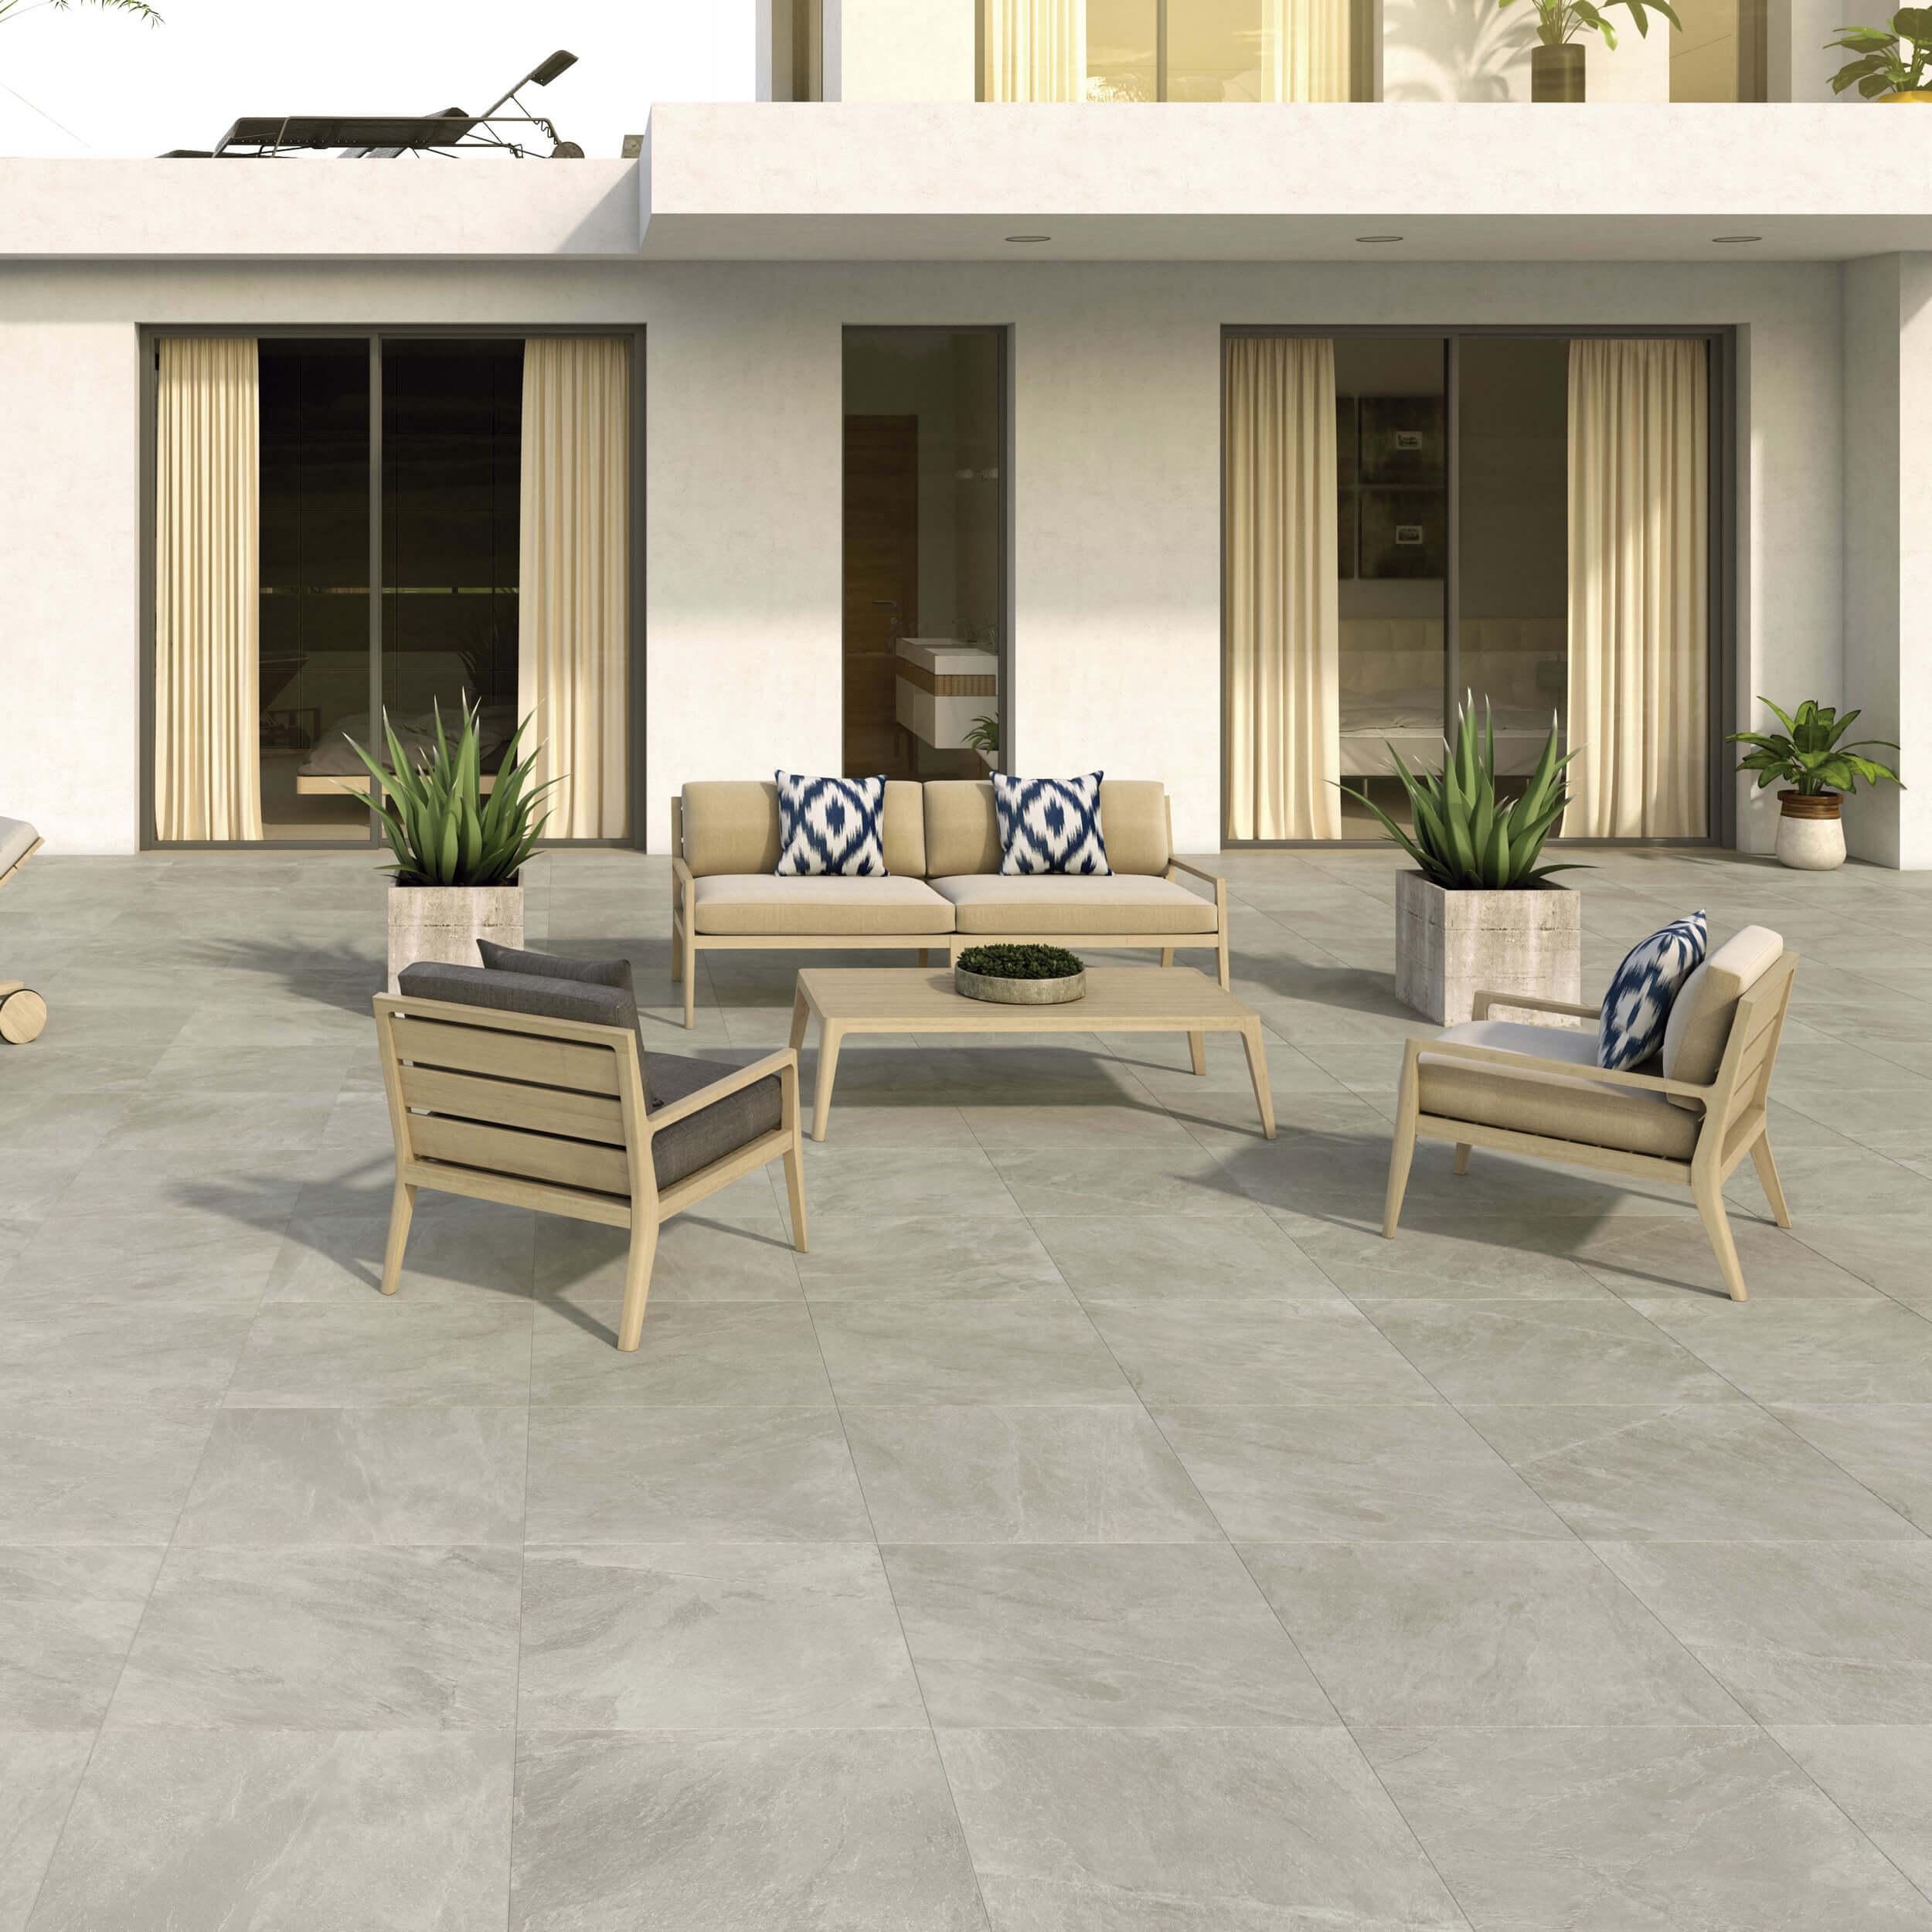 Carrelage sol et mur antidérapant aspect pierre Slate Rock Bone 60x60 cm